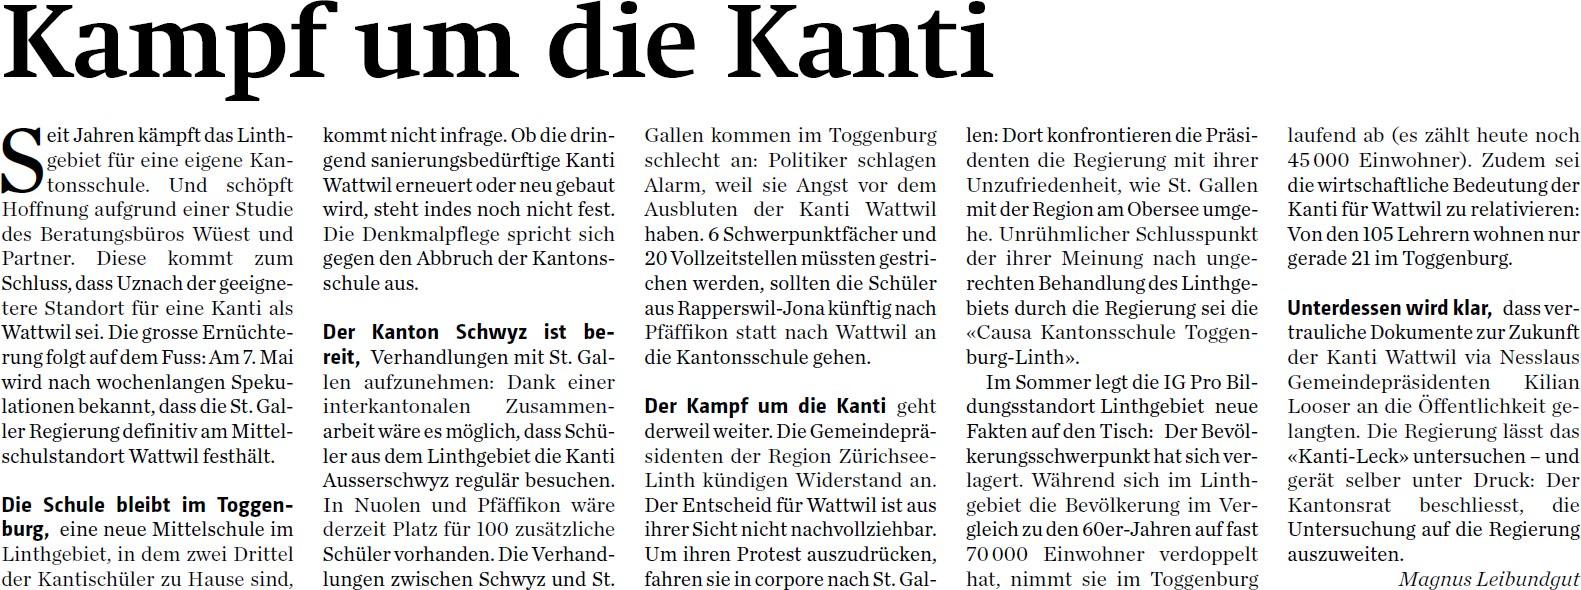 Kampf um die Kanti (Mittwoch, 31.12.2014)